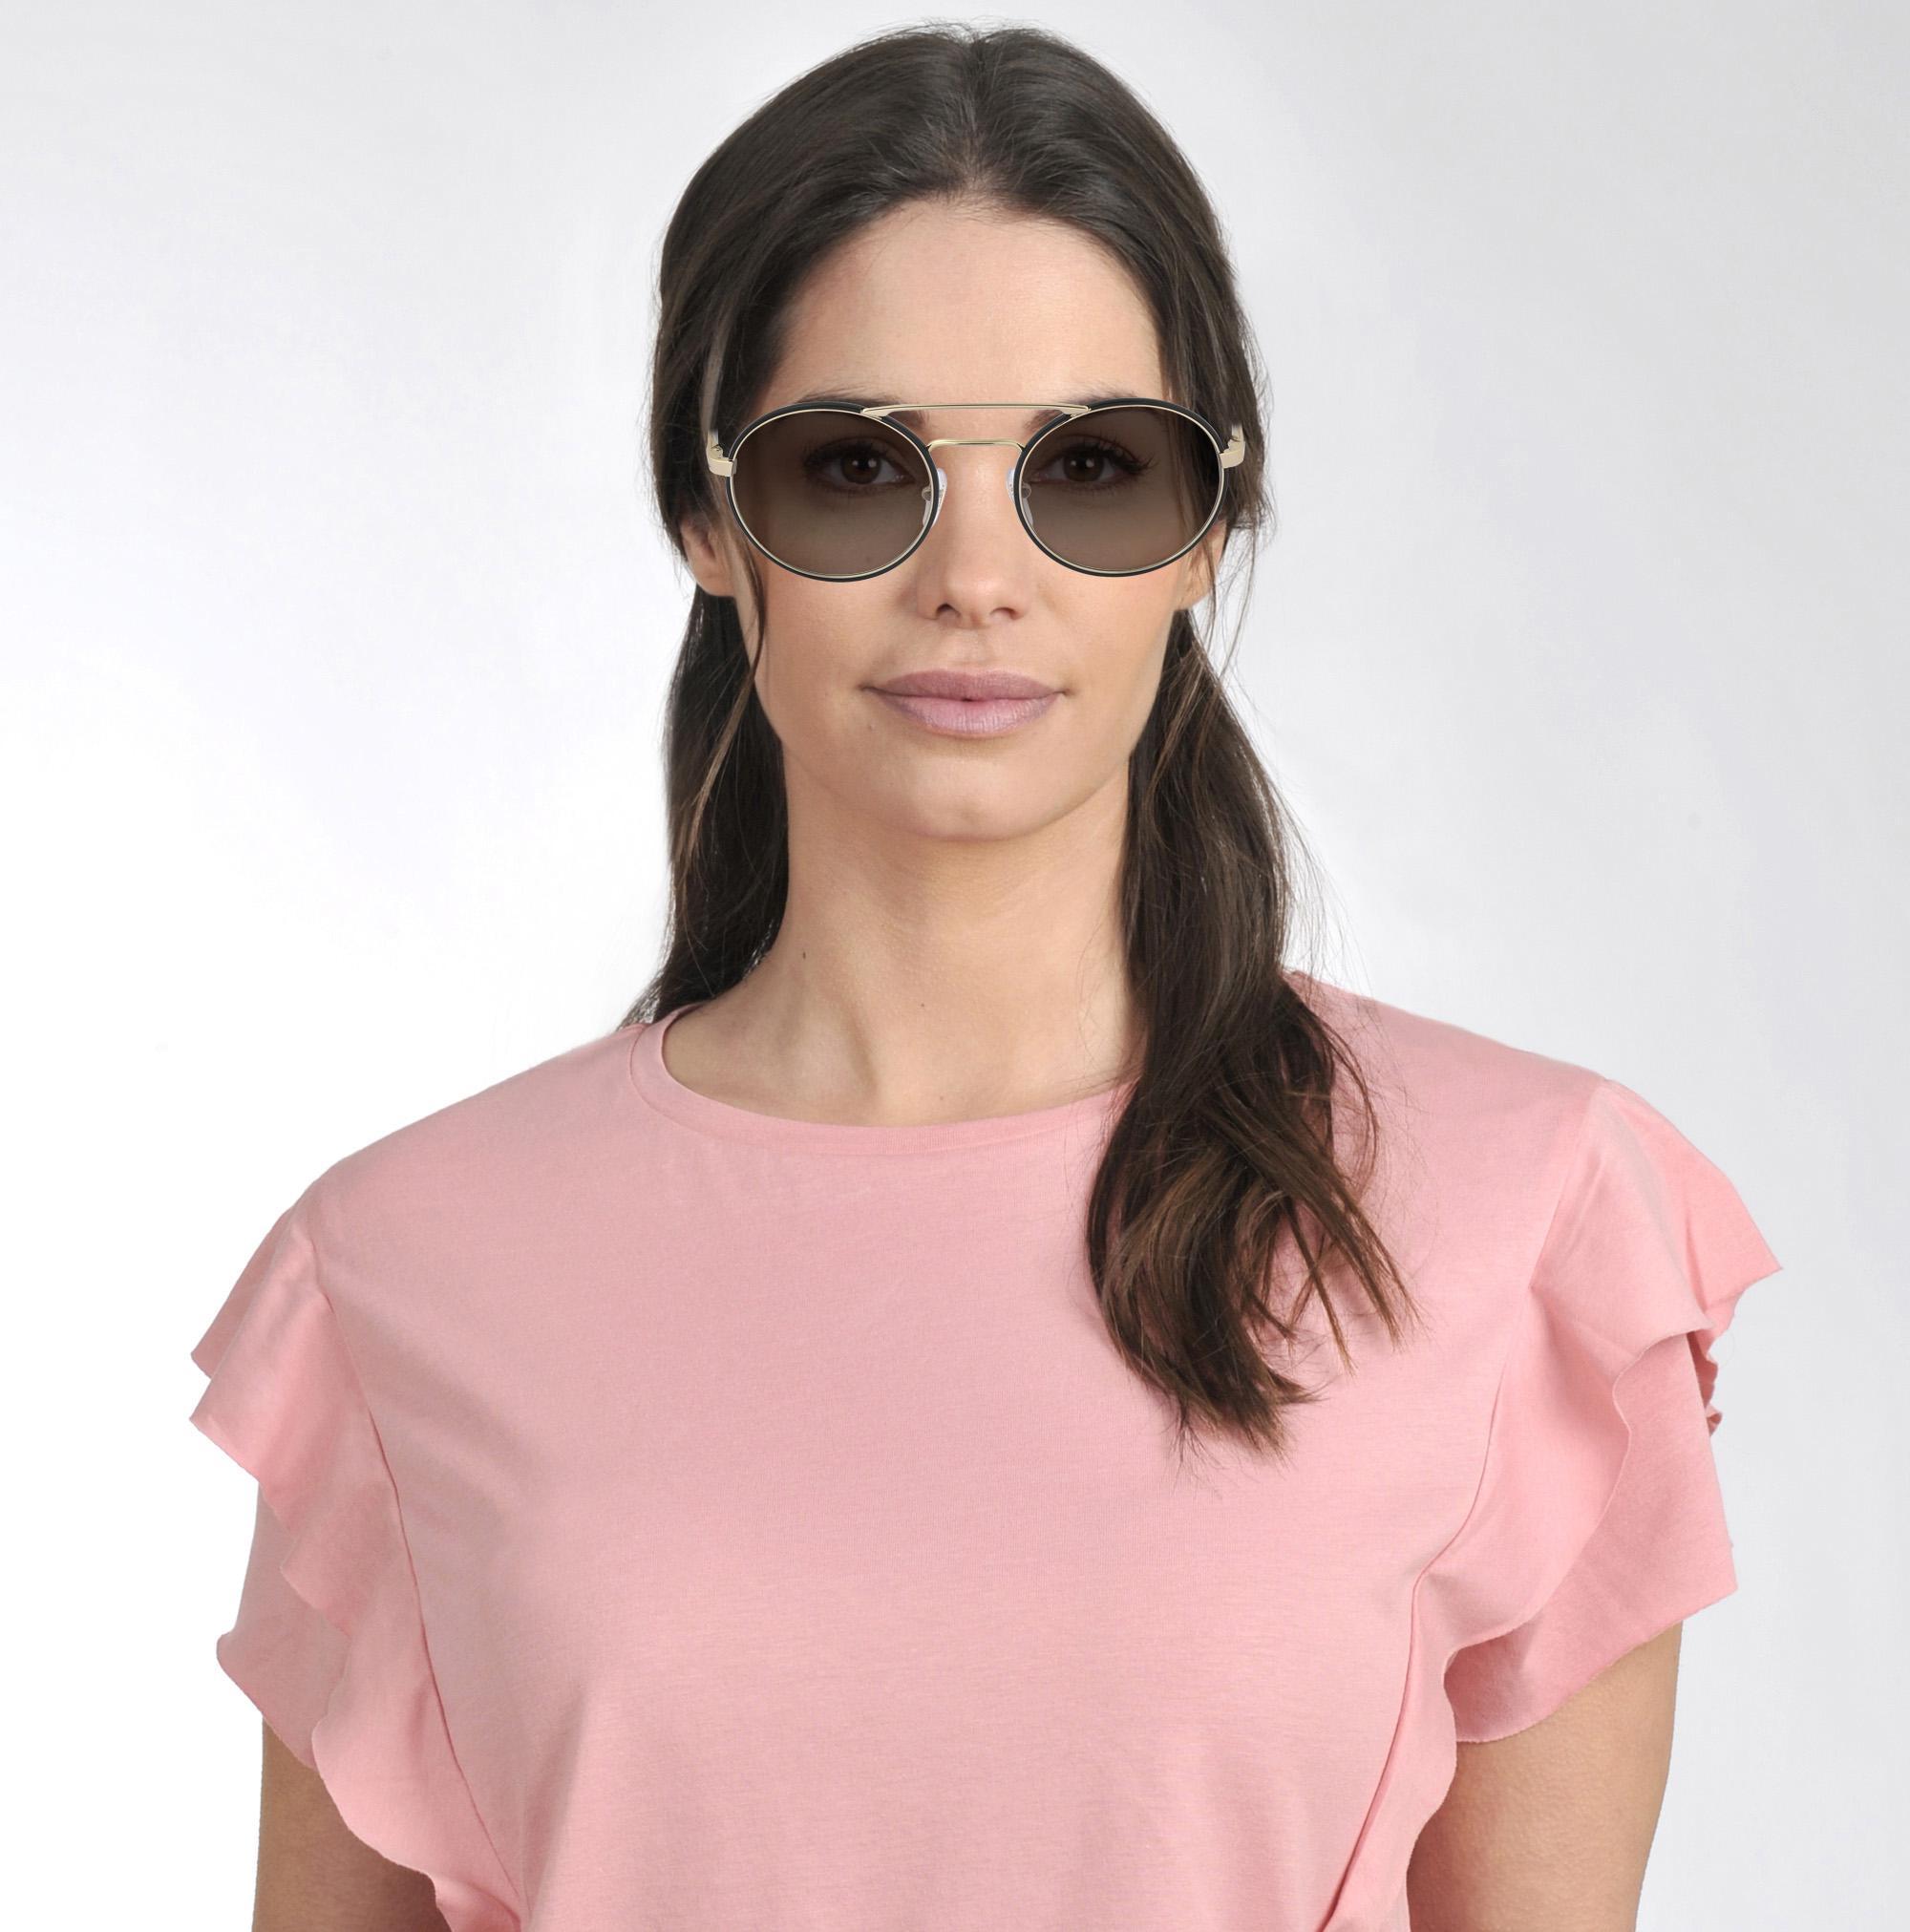 Prada 0pr 51ss Sunglasses In Brown Metal And Acetate